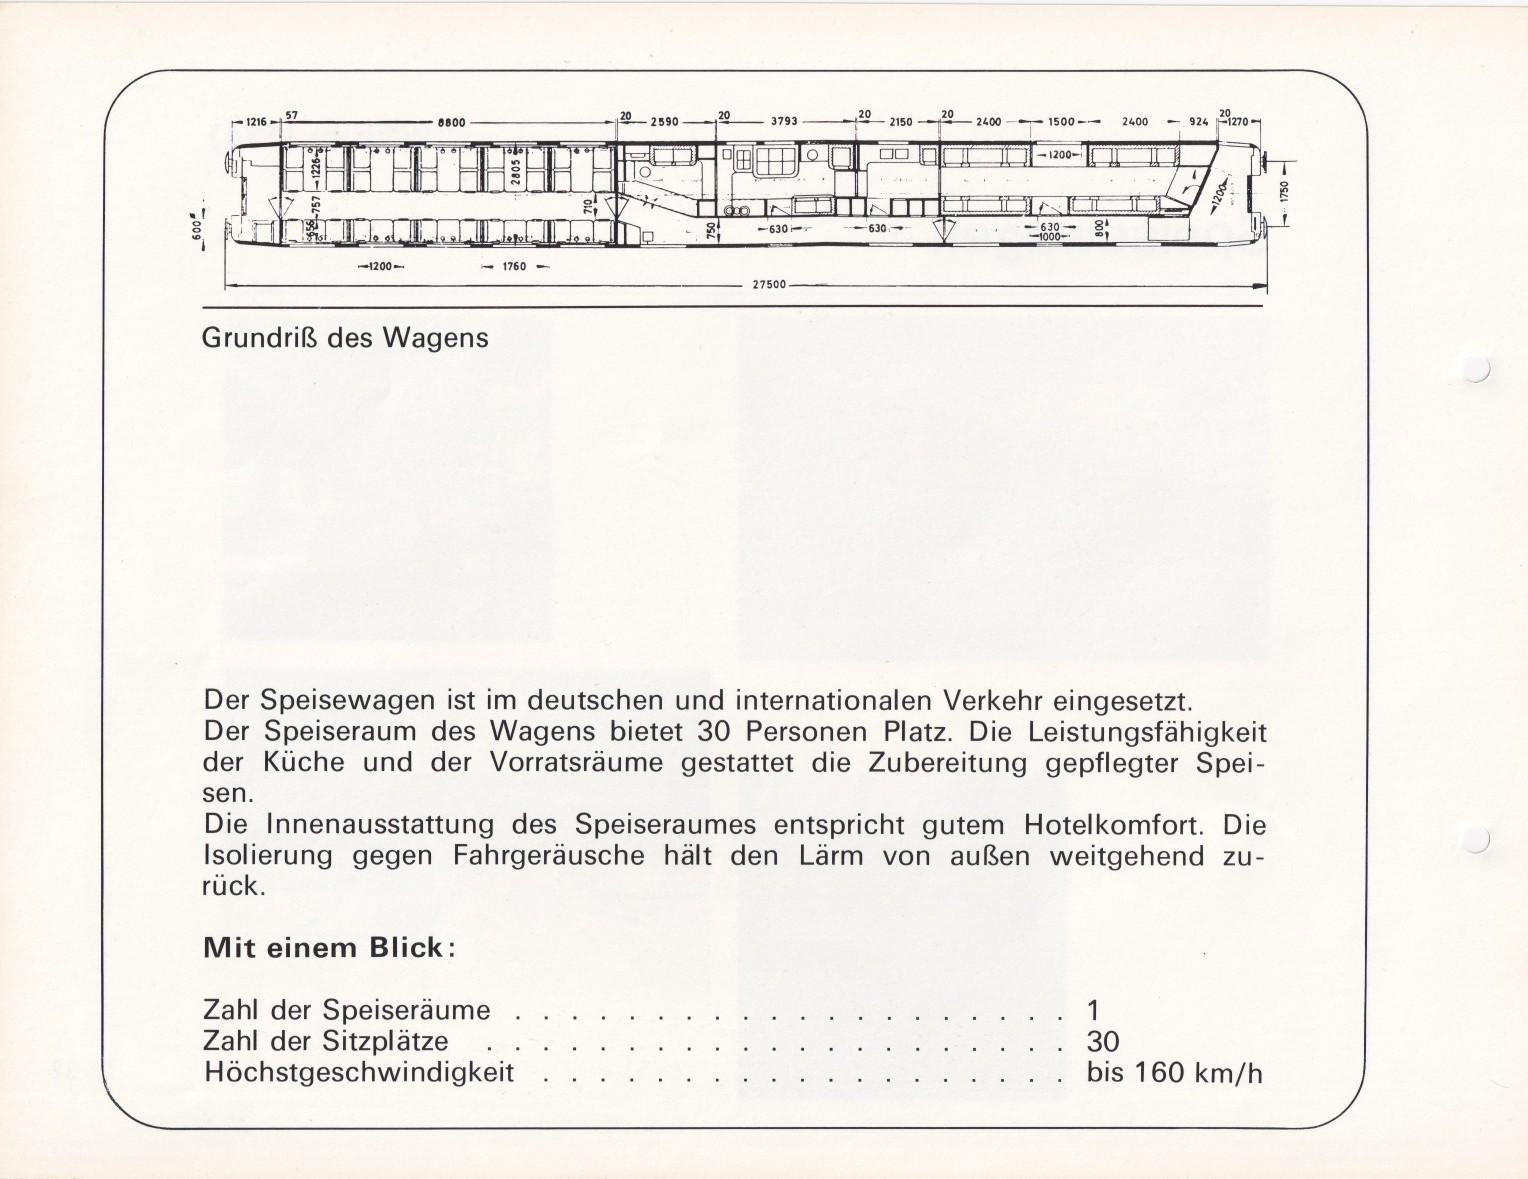 https://www.nullclub.de/hifo/Fahrzeuglexikon/Wagen32b.jpg